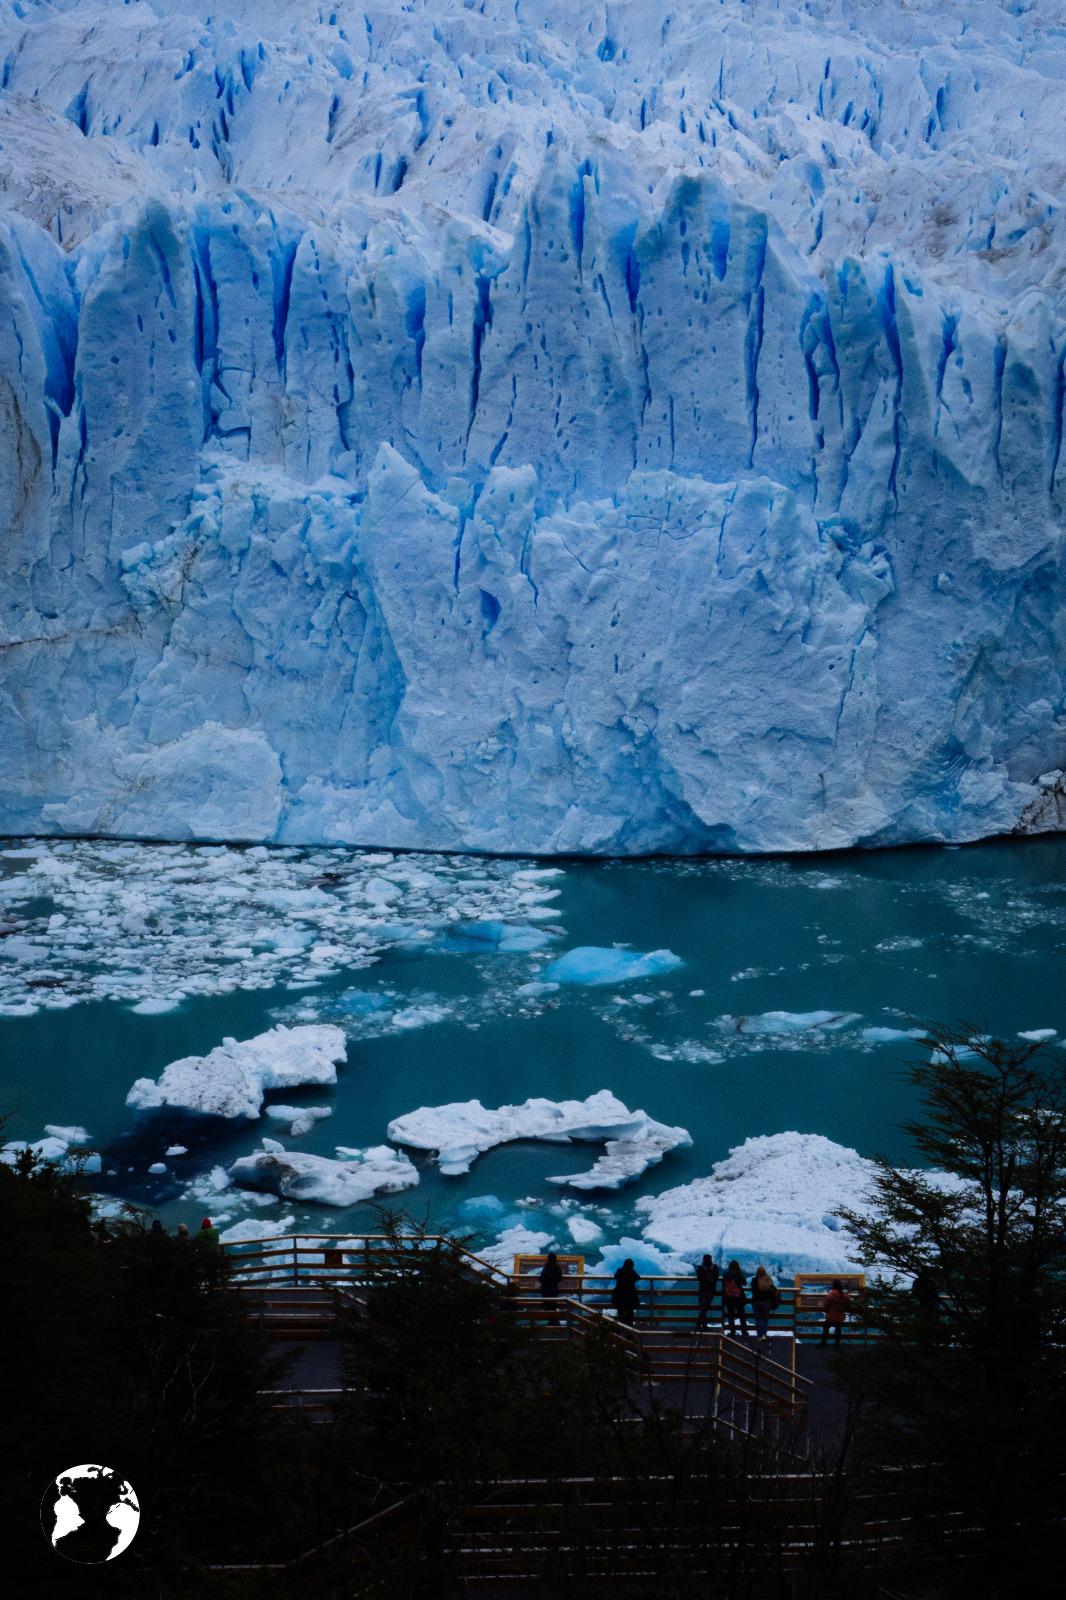 WhatsApp Image 2019 05 29 at 10.50.16 2 - Perito Moreno - niezwykły lodowiec w Patagonii